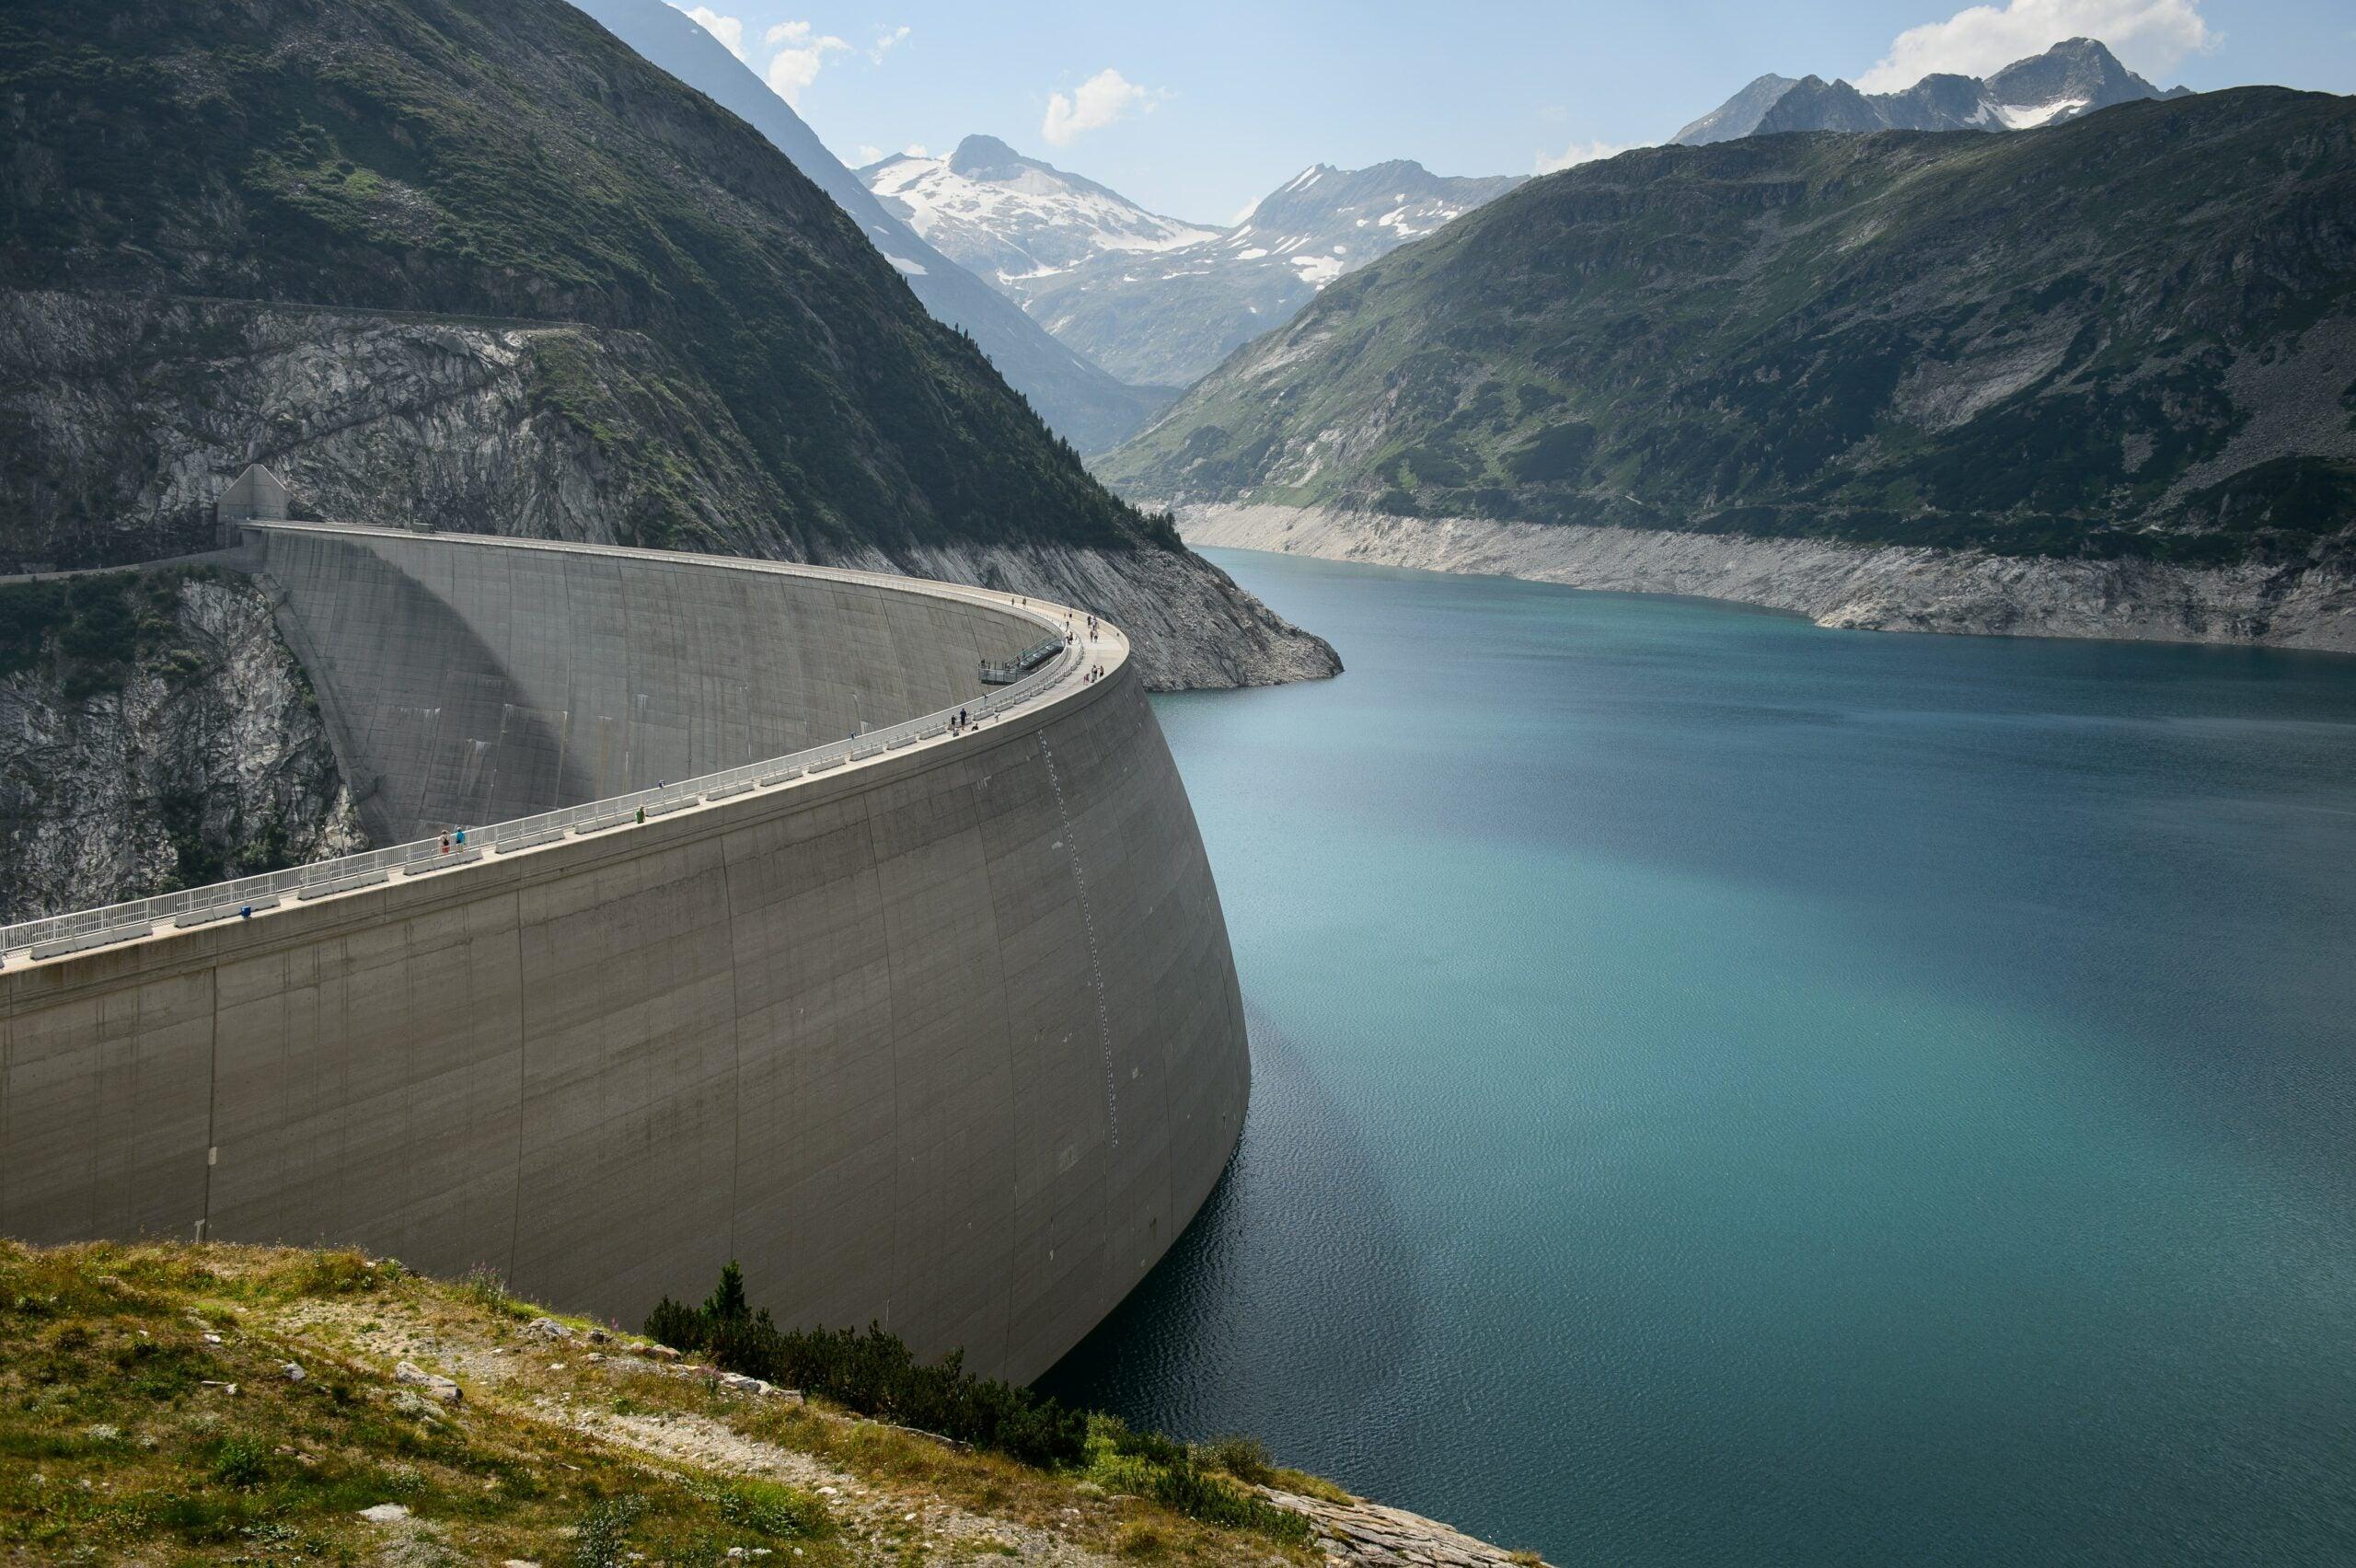 a dam reservoir storing carbon